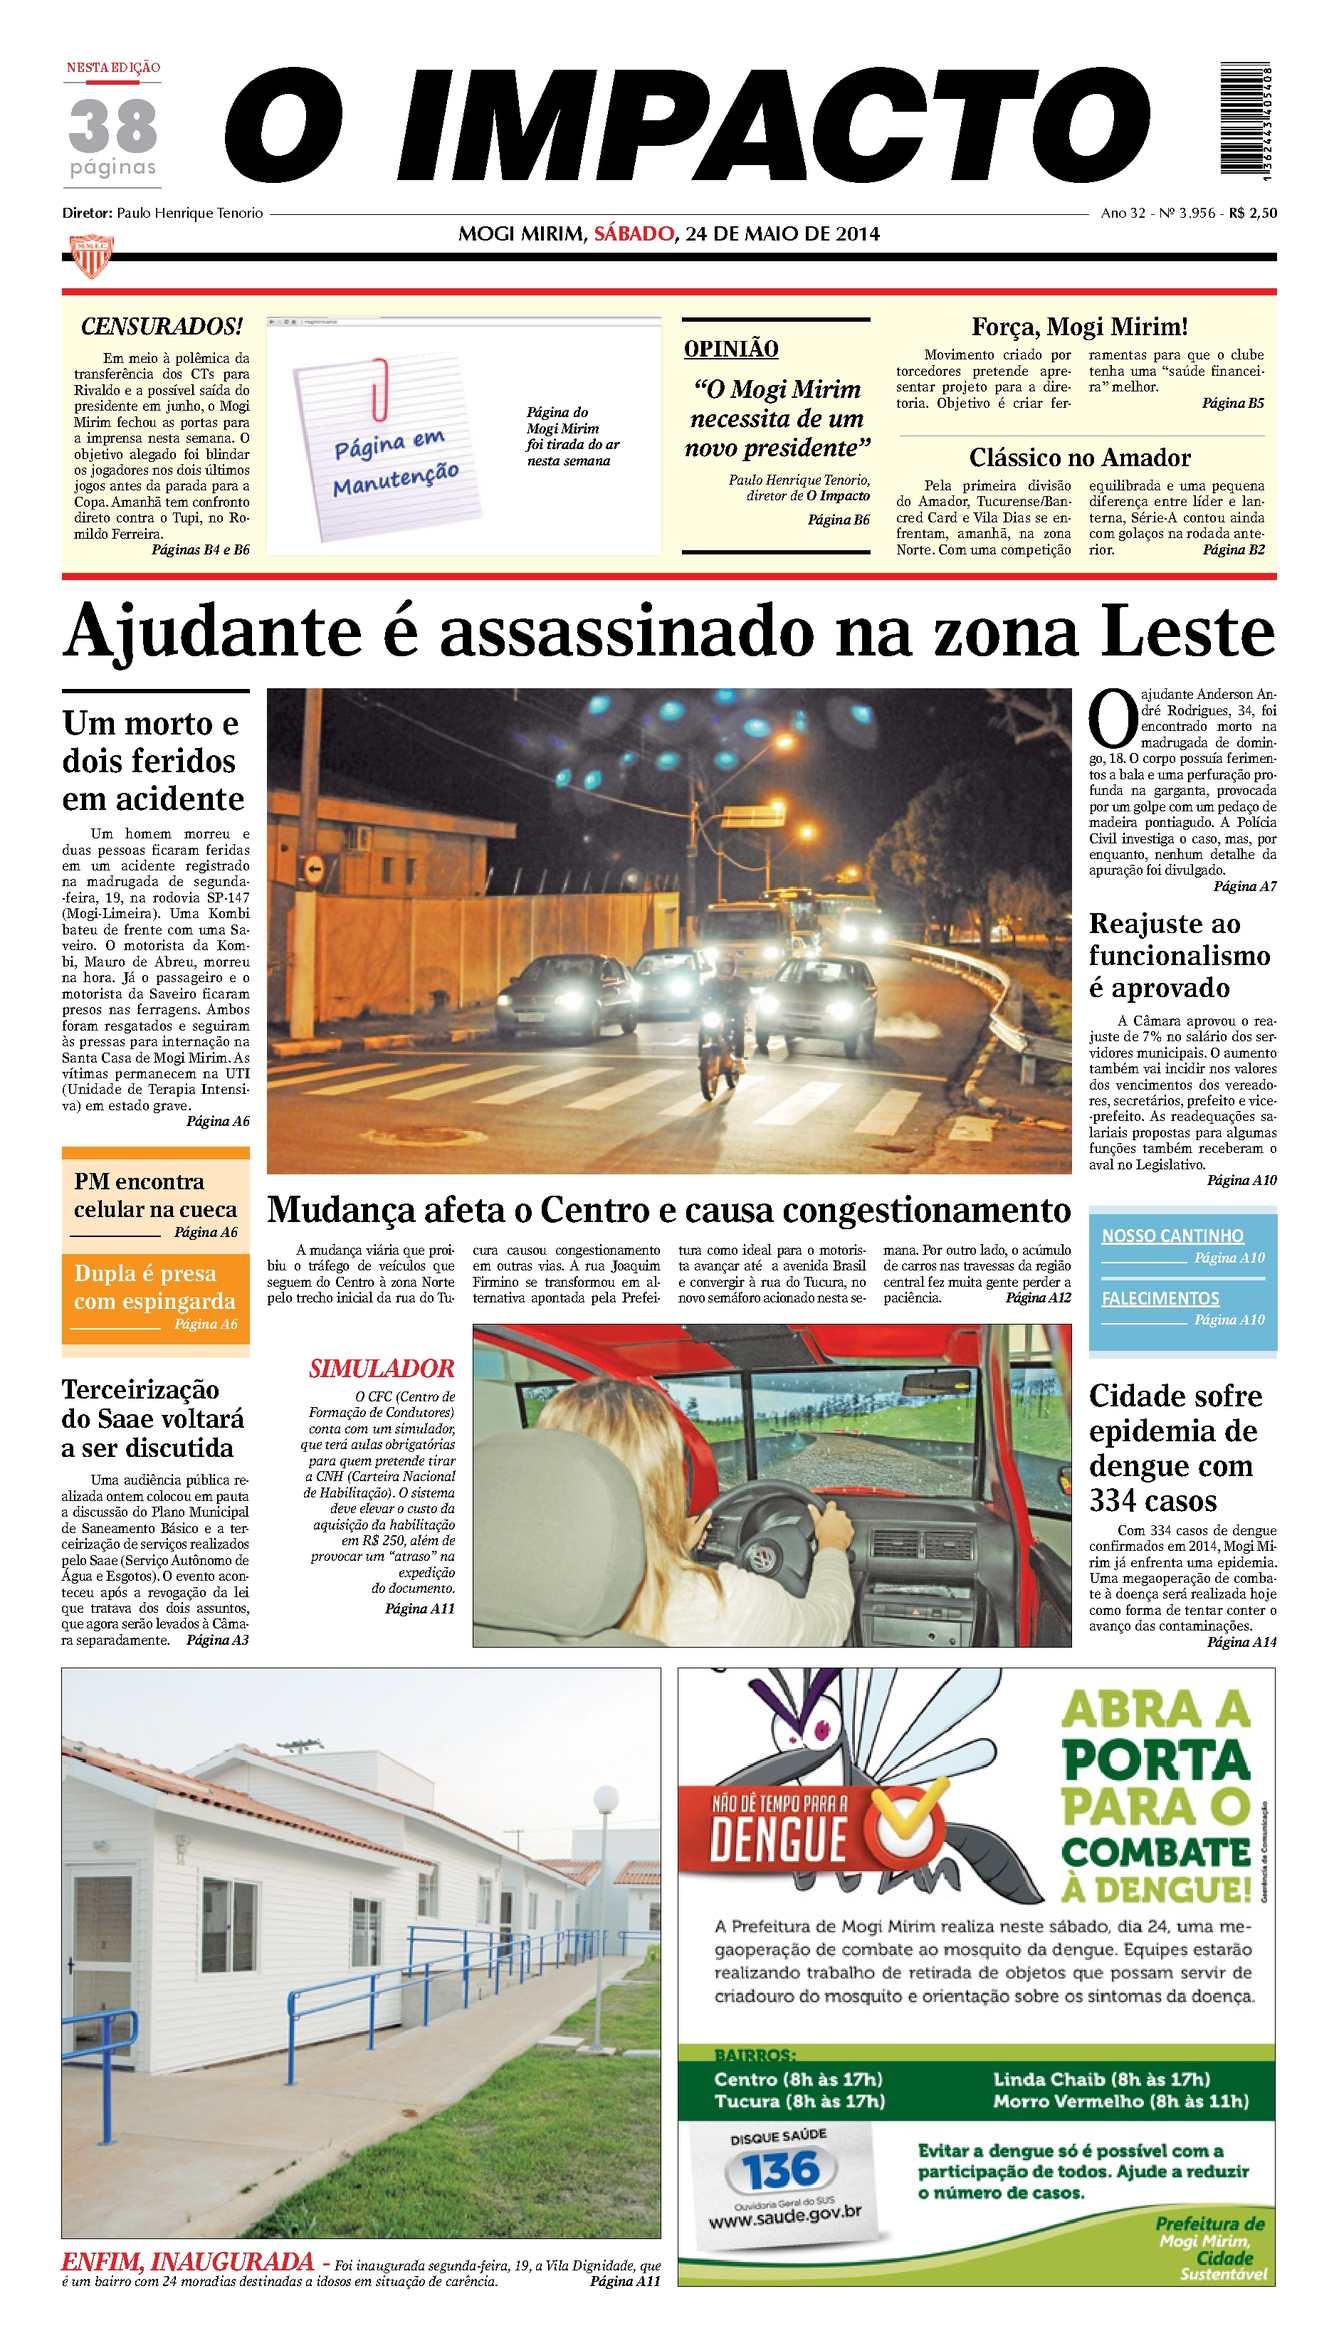 daveed Benito 24-by-36 Polegadas Faça A América Alta novamente Poster por